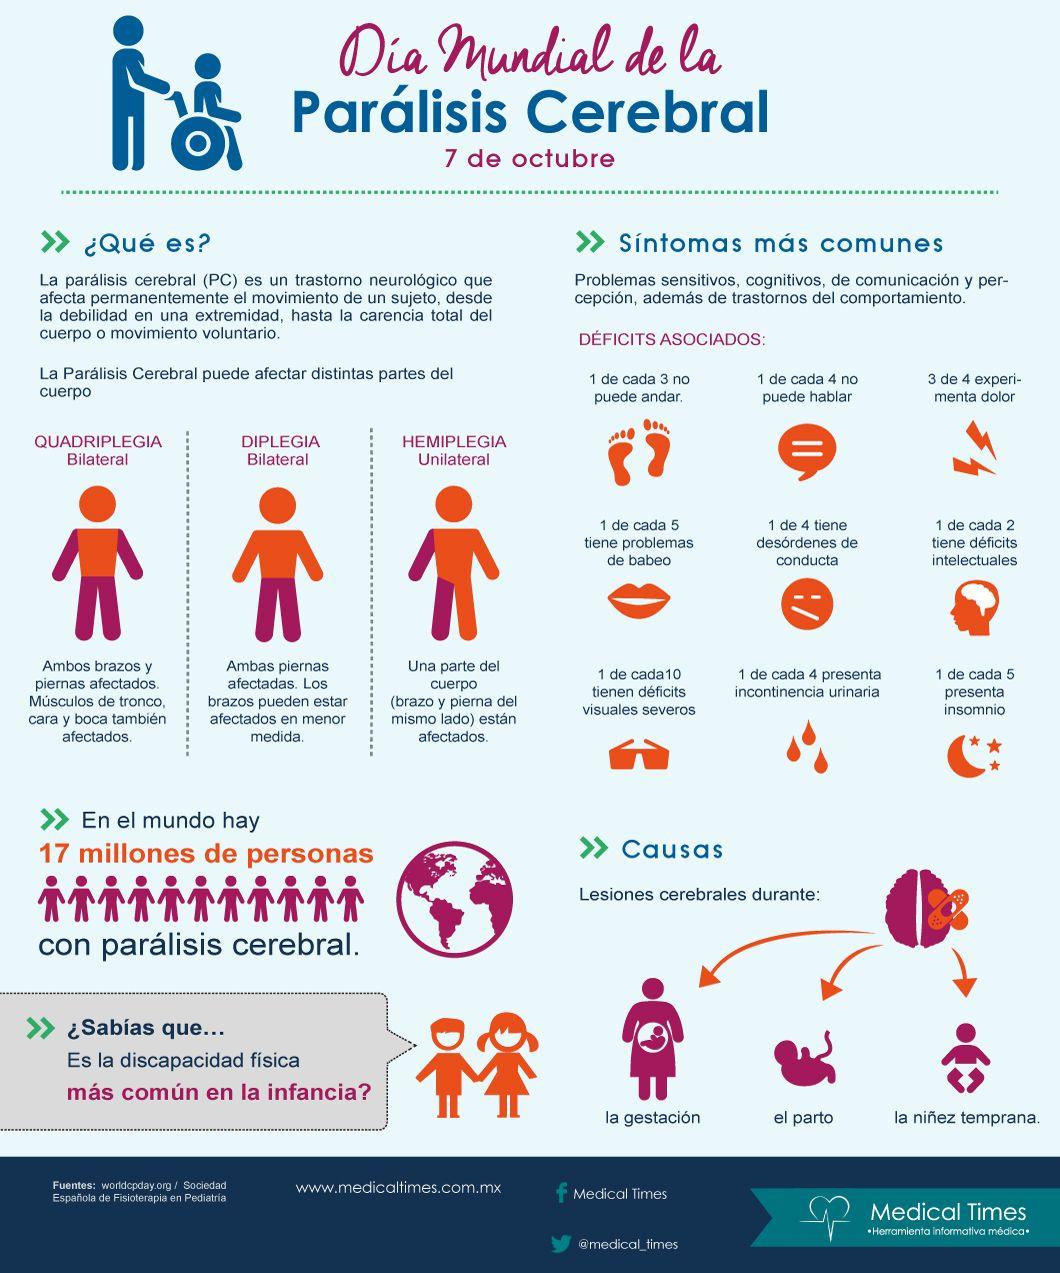 Día Mundial de la Parálisis Cerebral, Medical Times , Infografía ...